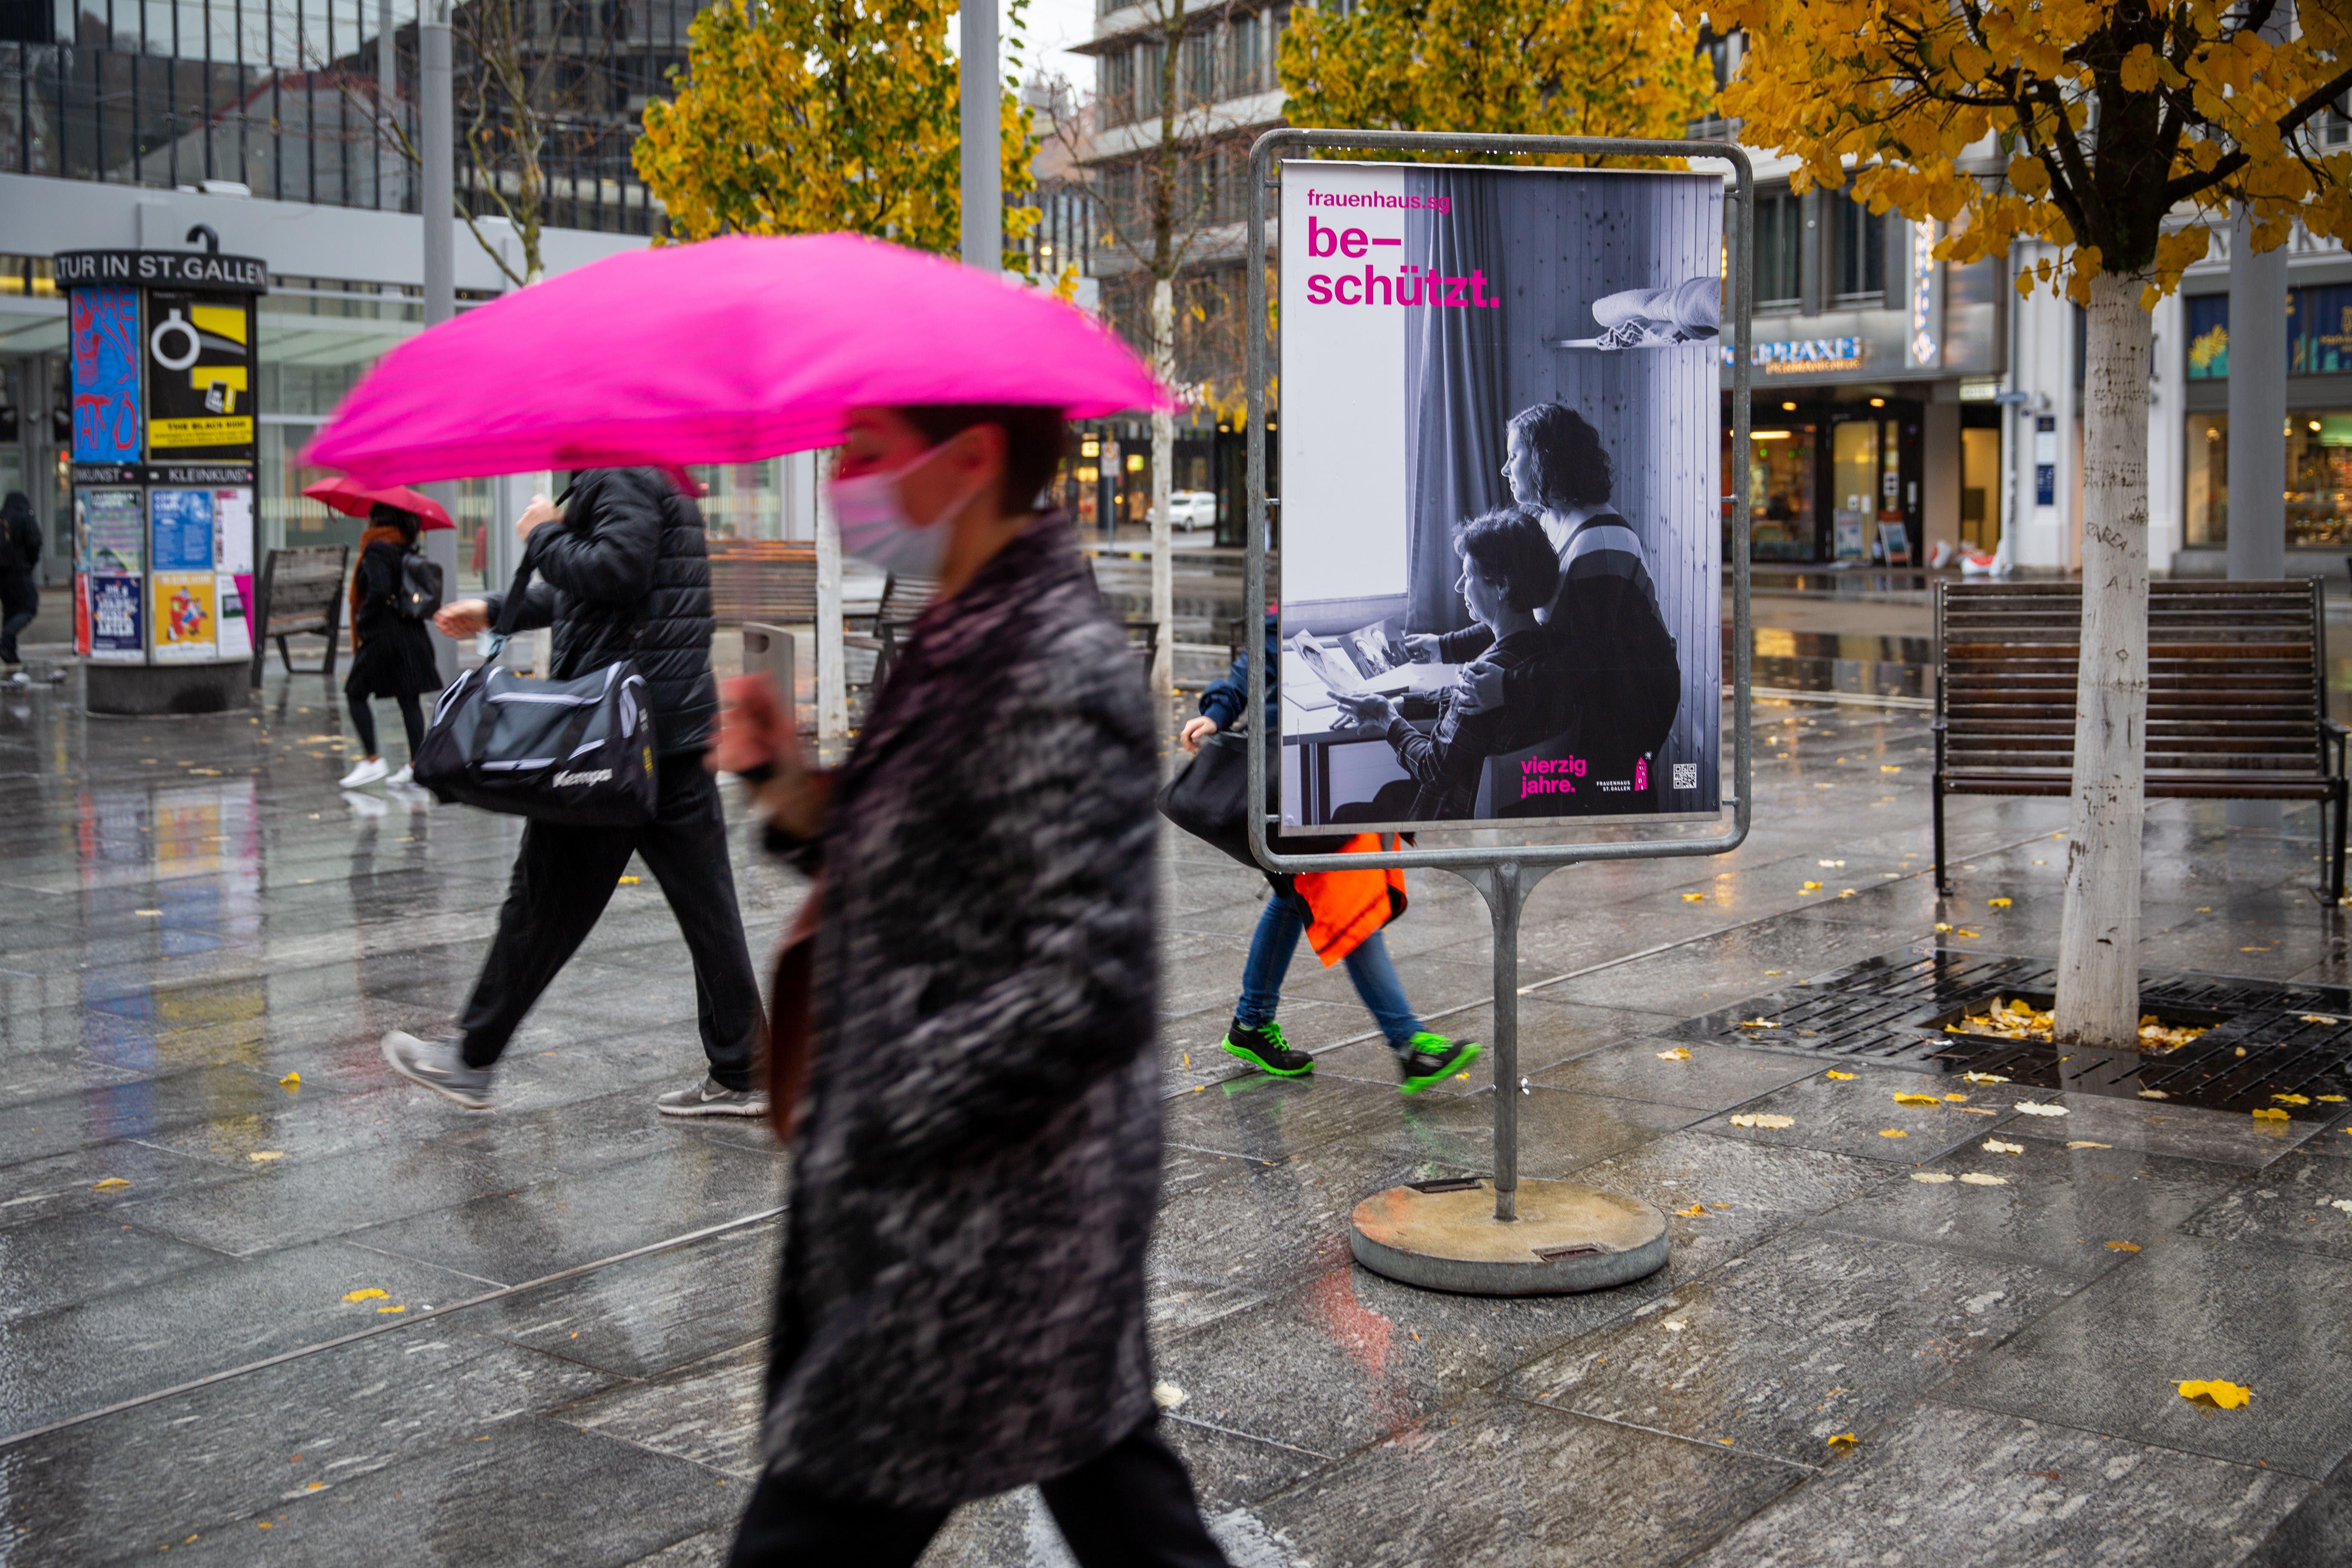 Impressionen von den Plakaten des Frauenhauses St.Gallen auf dem Bahnhofplatz.